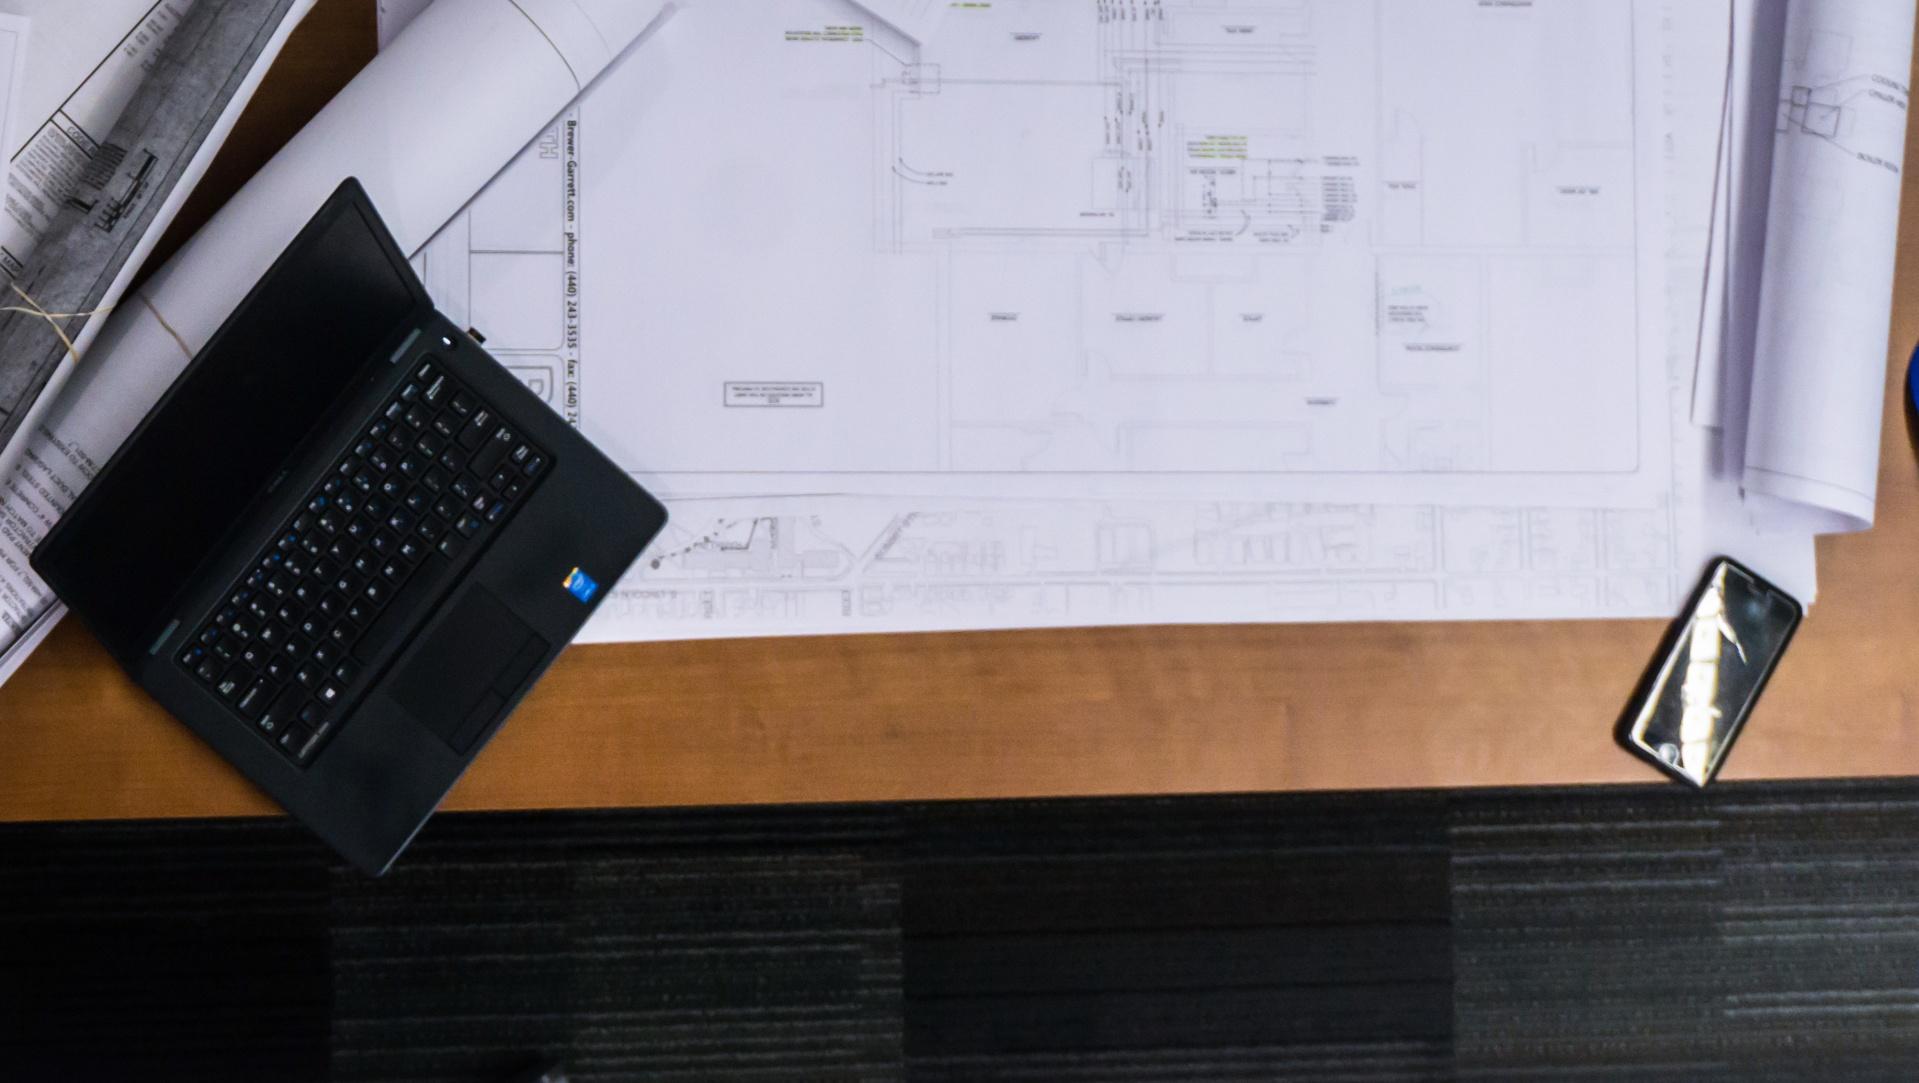 construction laptop cell phone blueprints